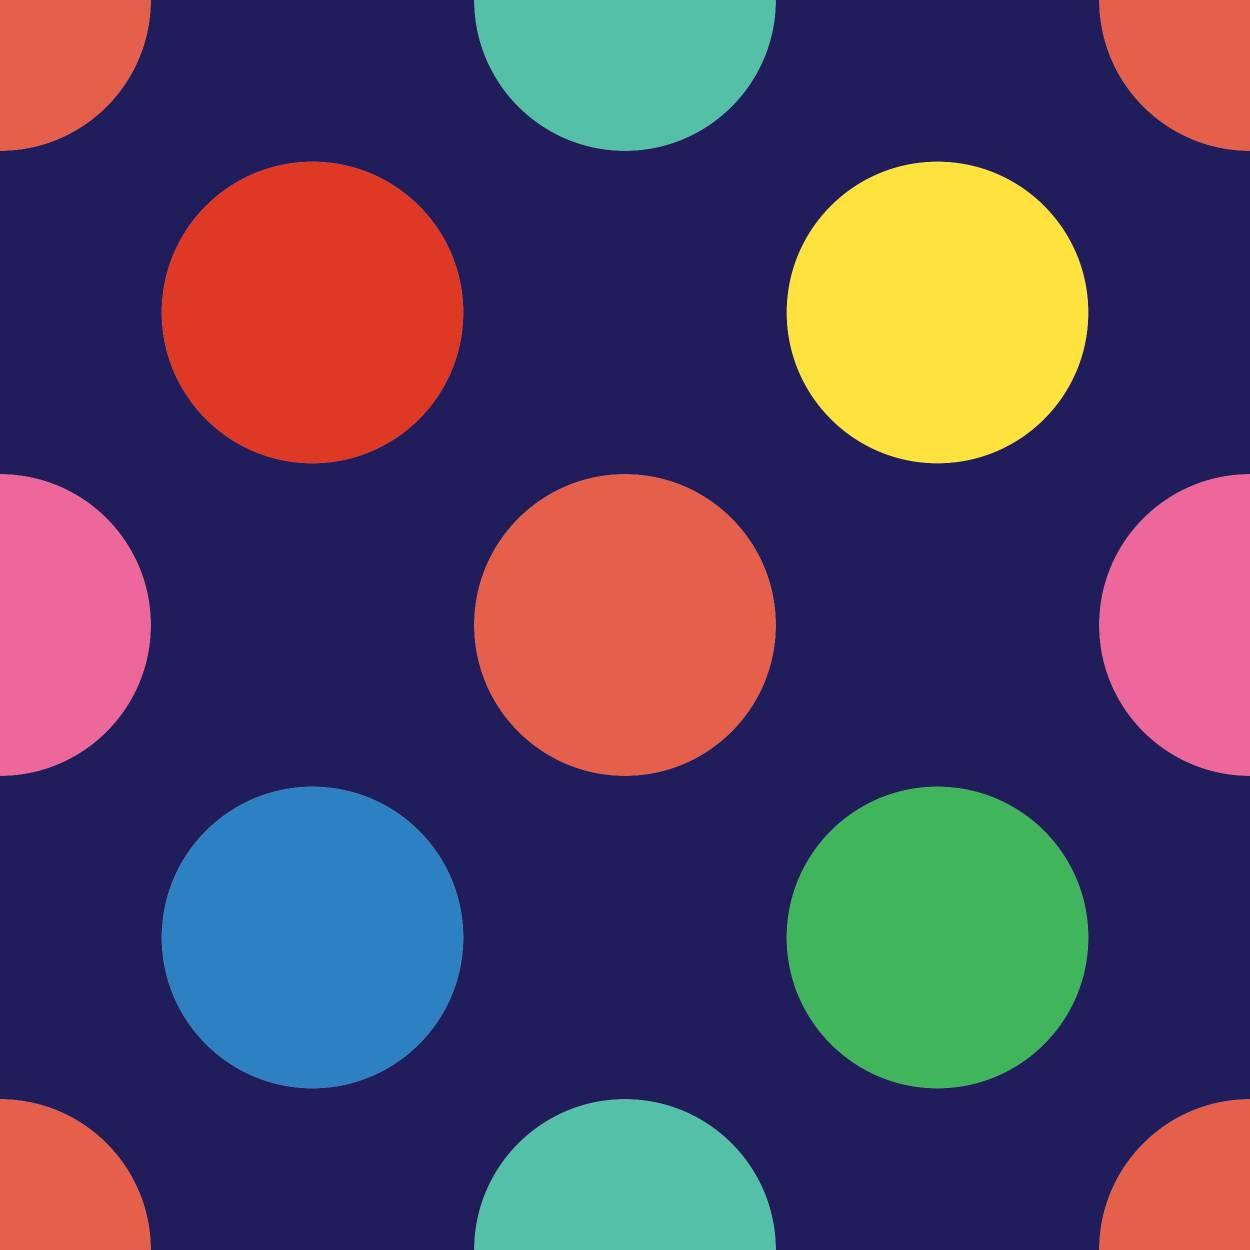 Big Dot